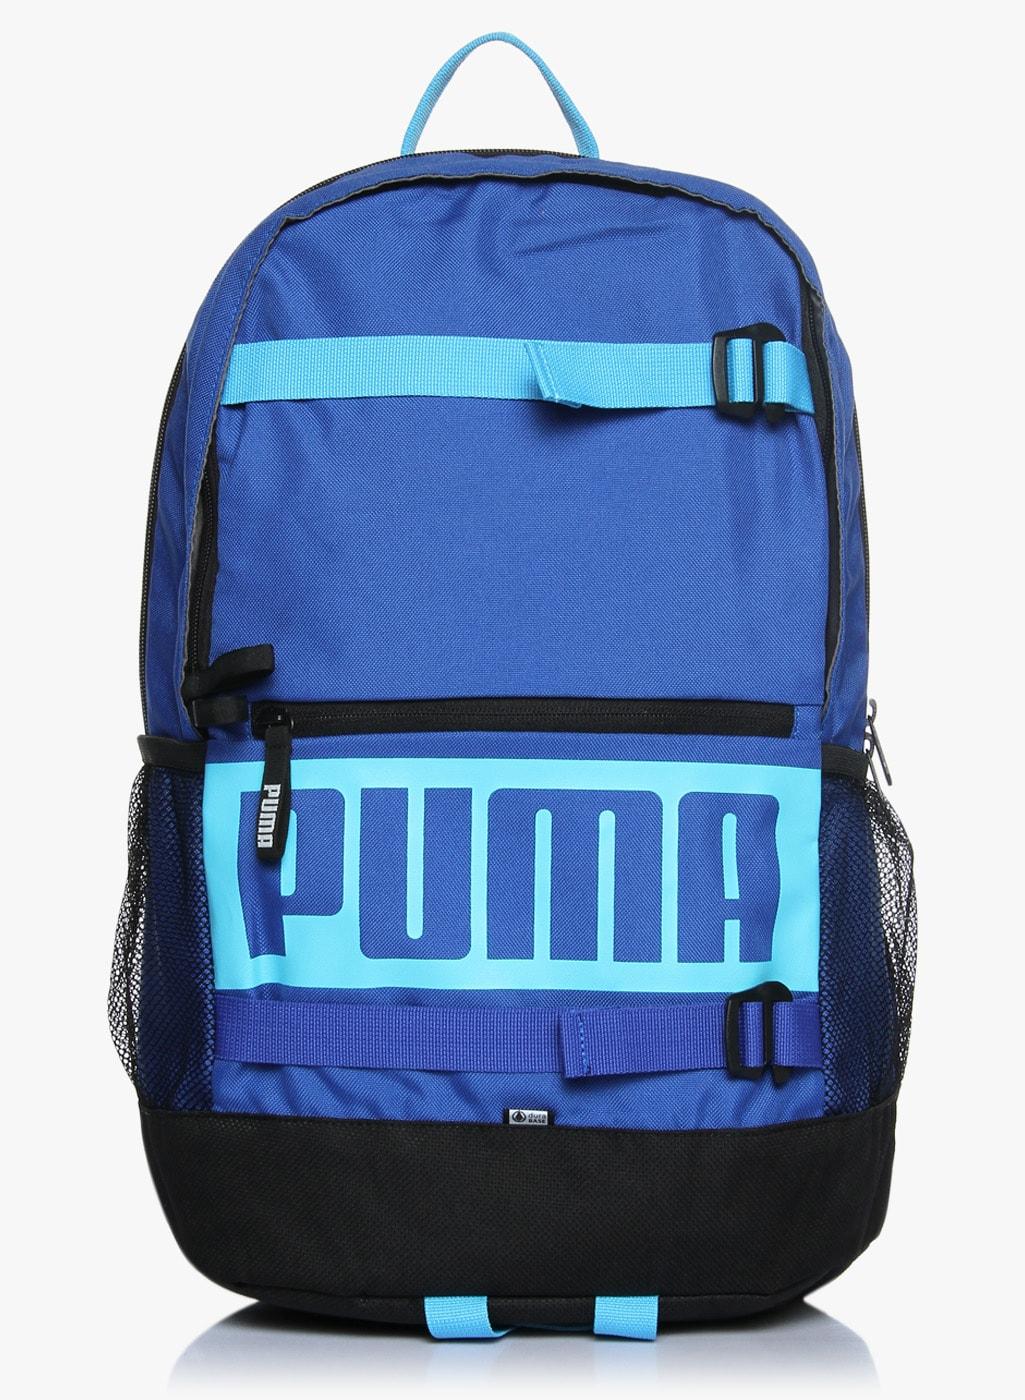 e09d3ca2c4a6 Puma Bag Men - Buy Puma Bag Men online in India